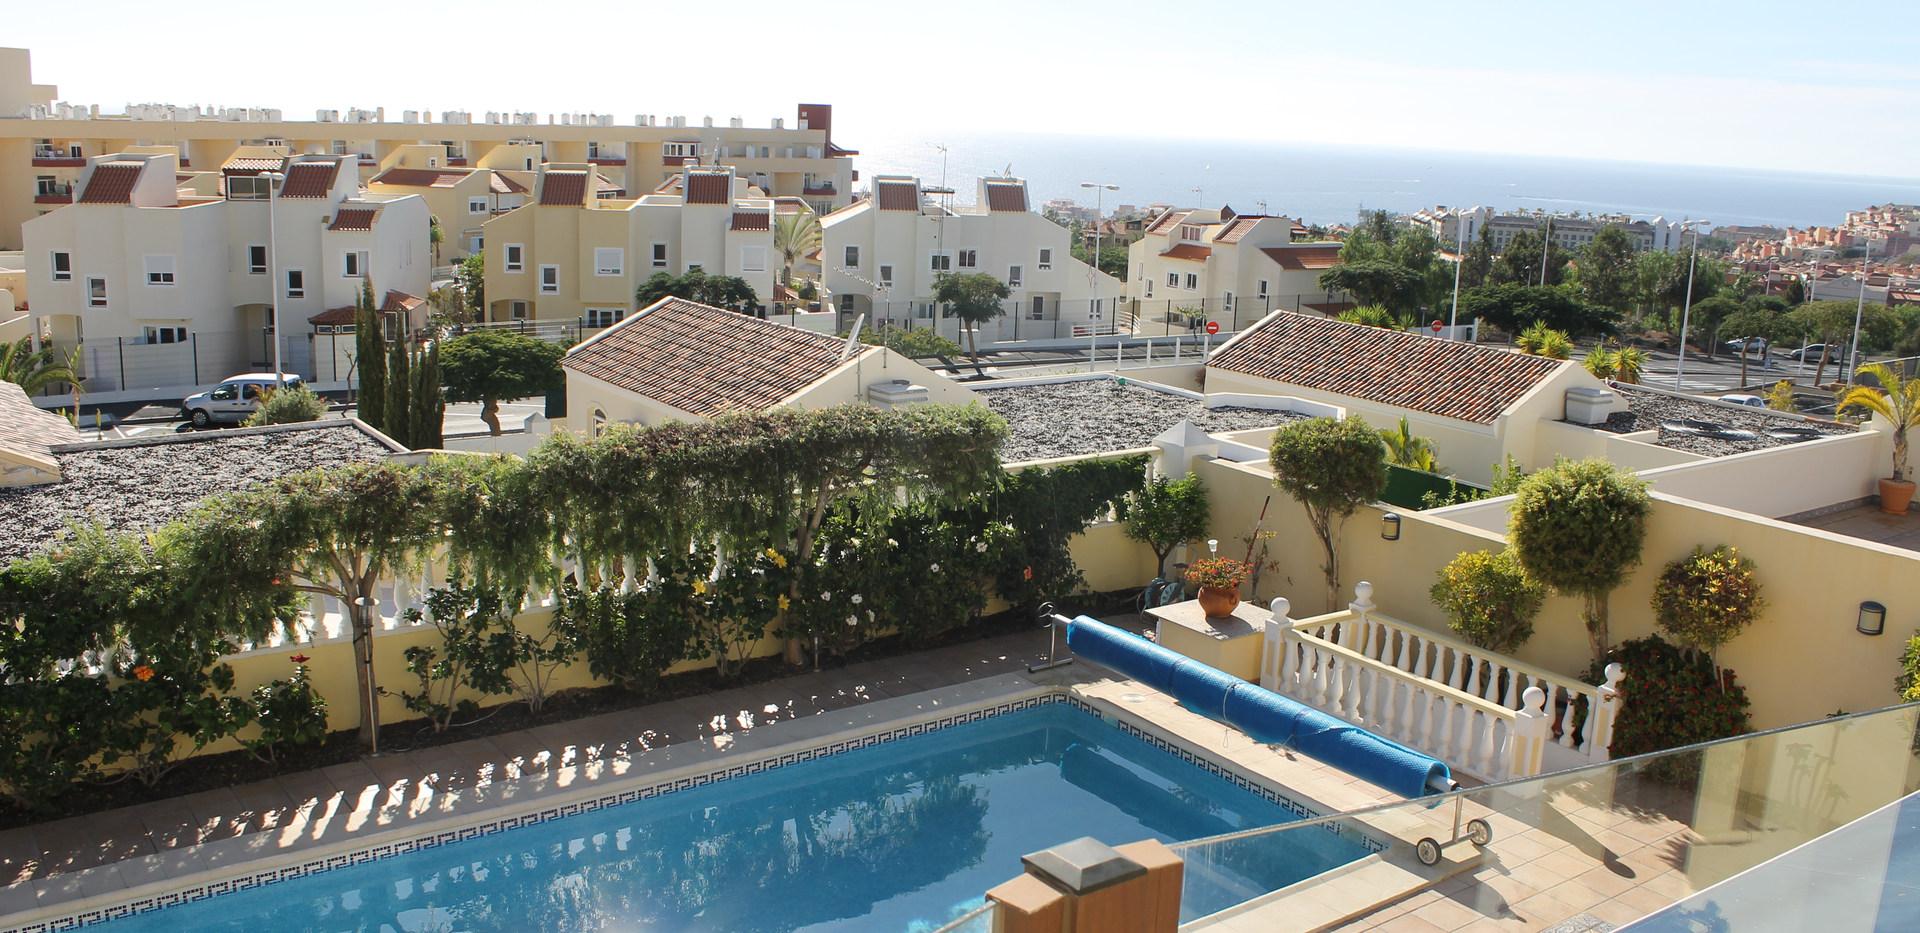 Villa 4 dormitorios El Madroñal